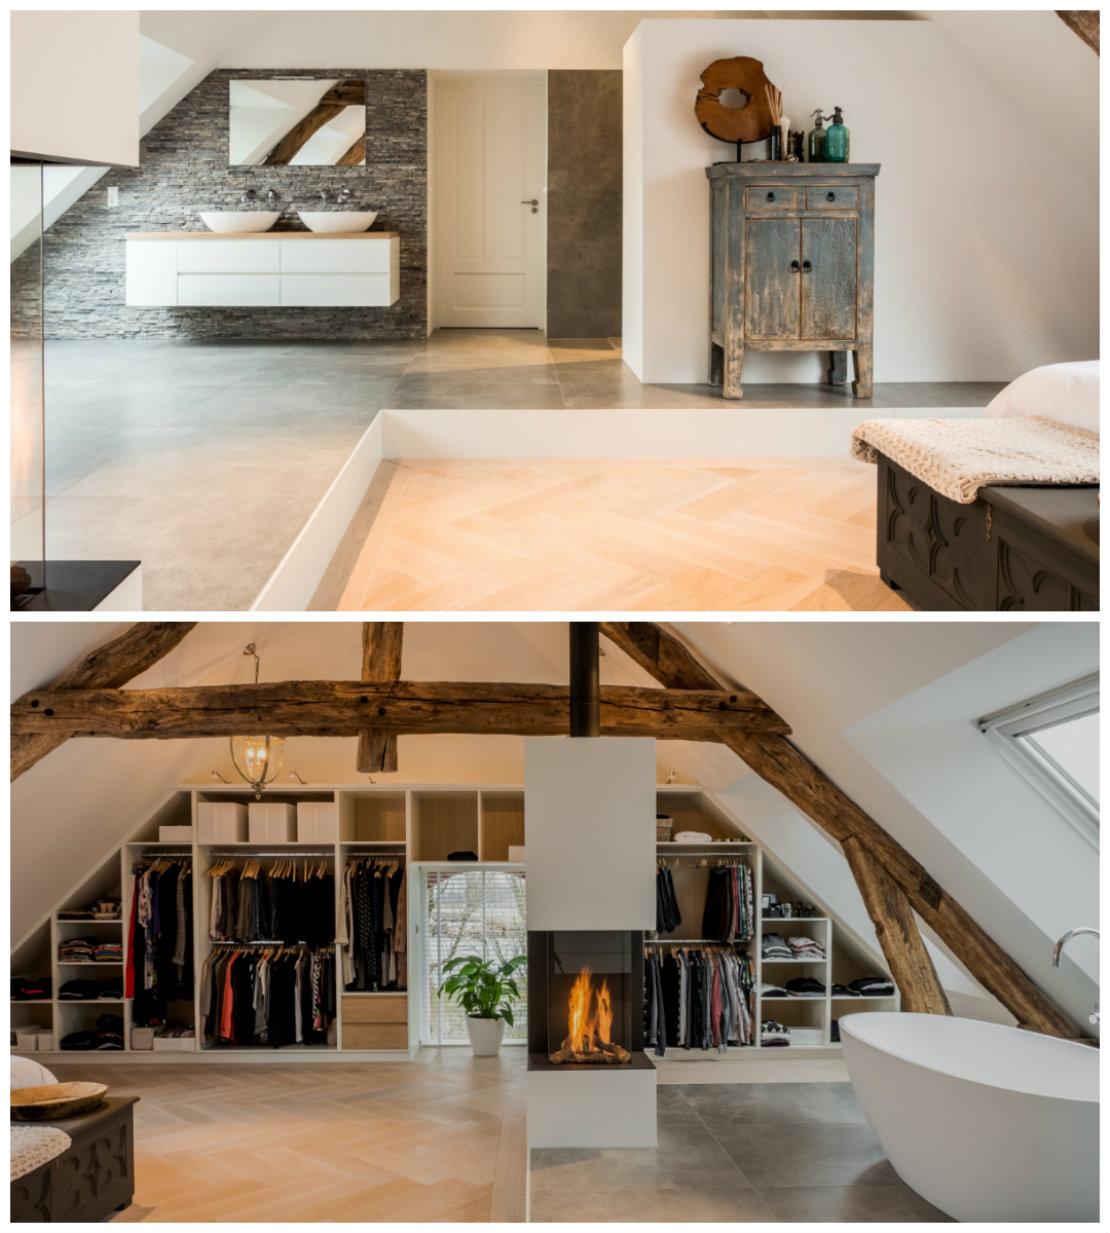 Casa granja renovado piso superior